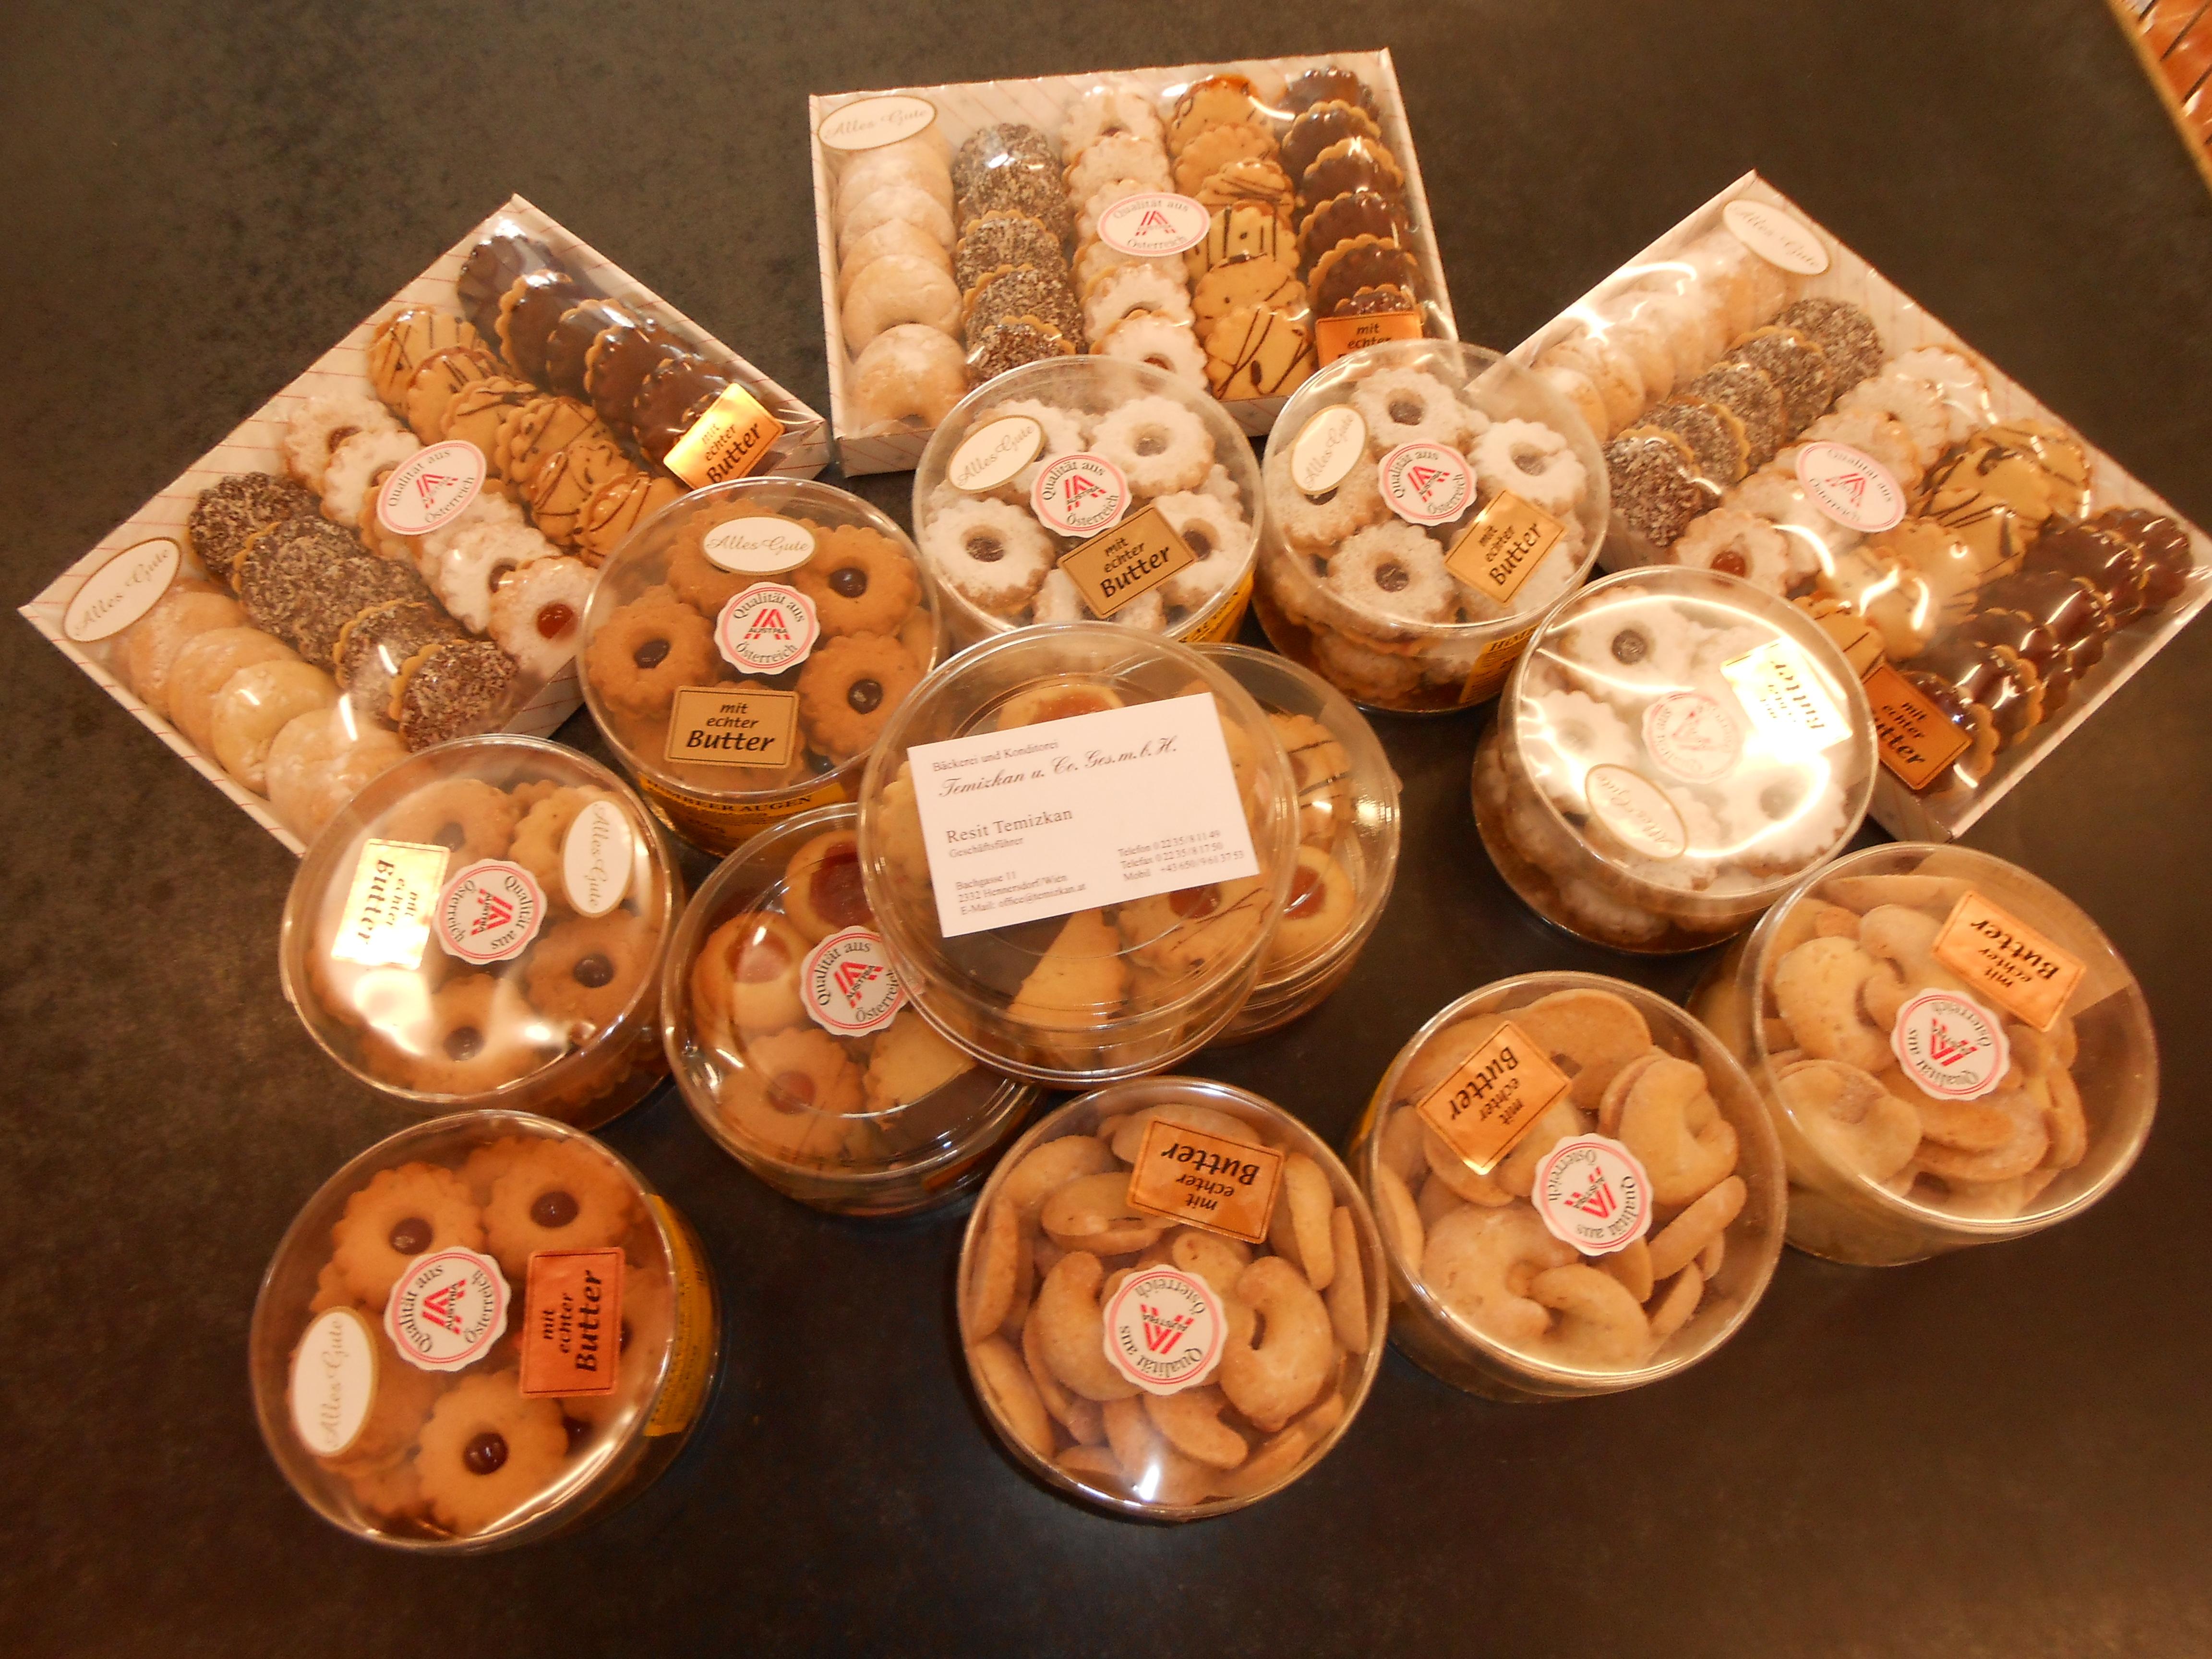 Gute Weihnachtskekse.Köstliche Weihnachtskekse Für Die Soma Kundinnen Soogut